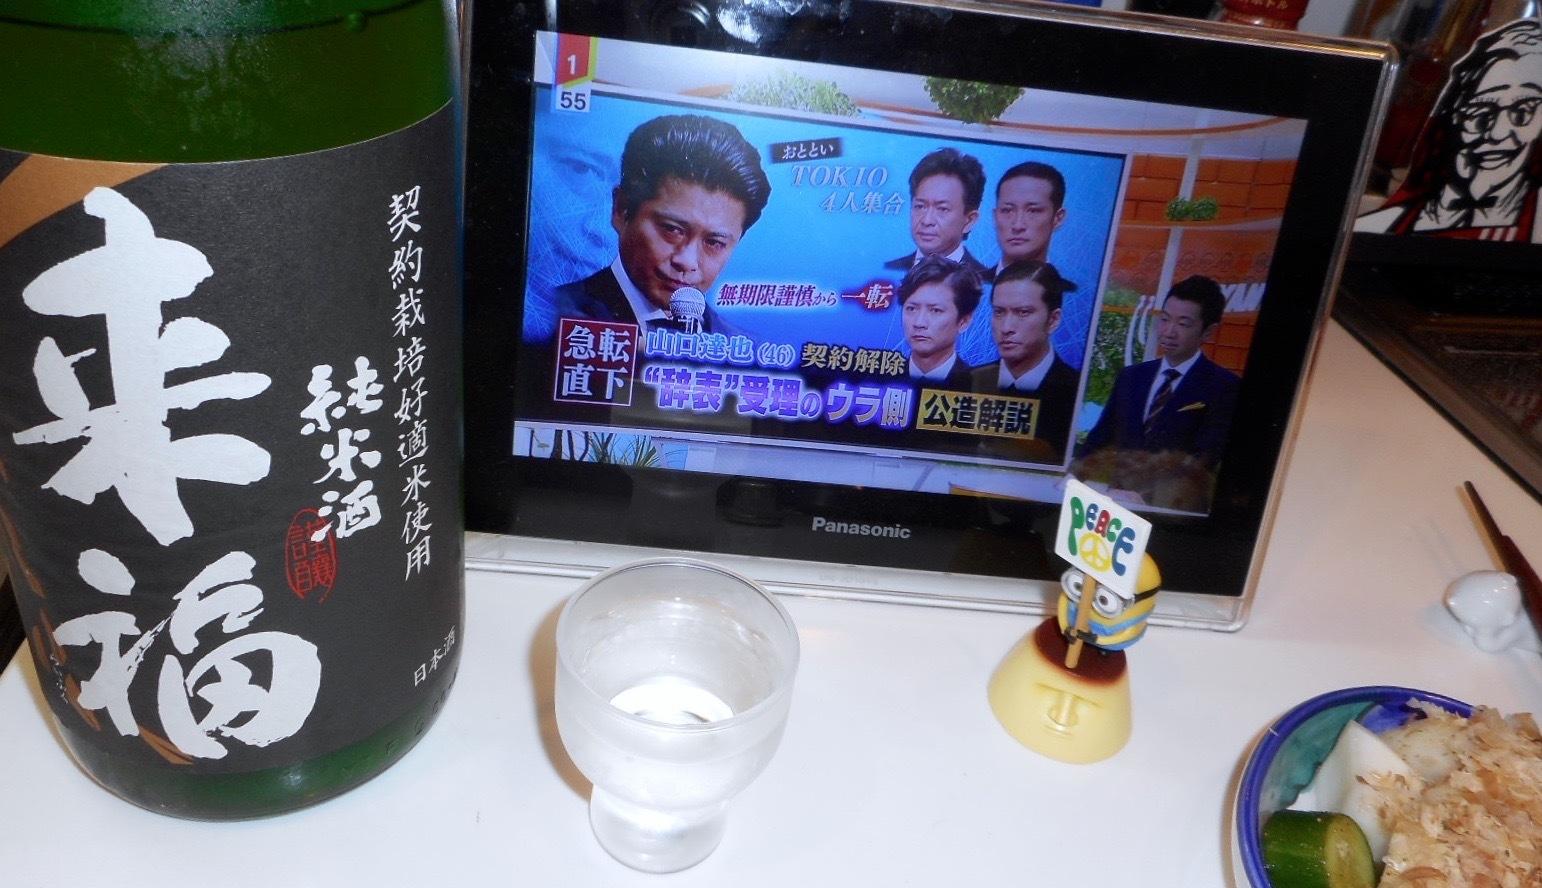 raifuku_hatsushibori29by3_6.jpg